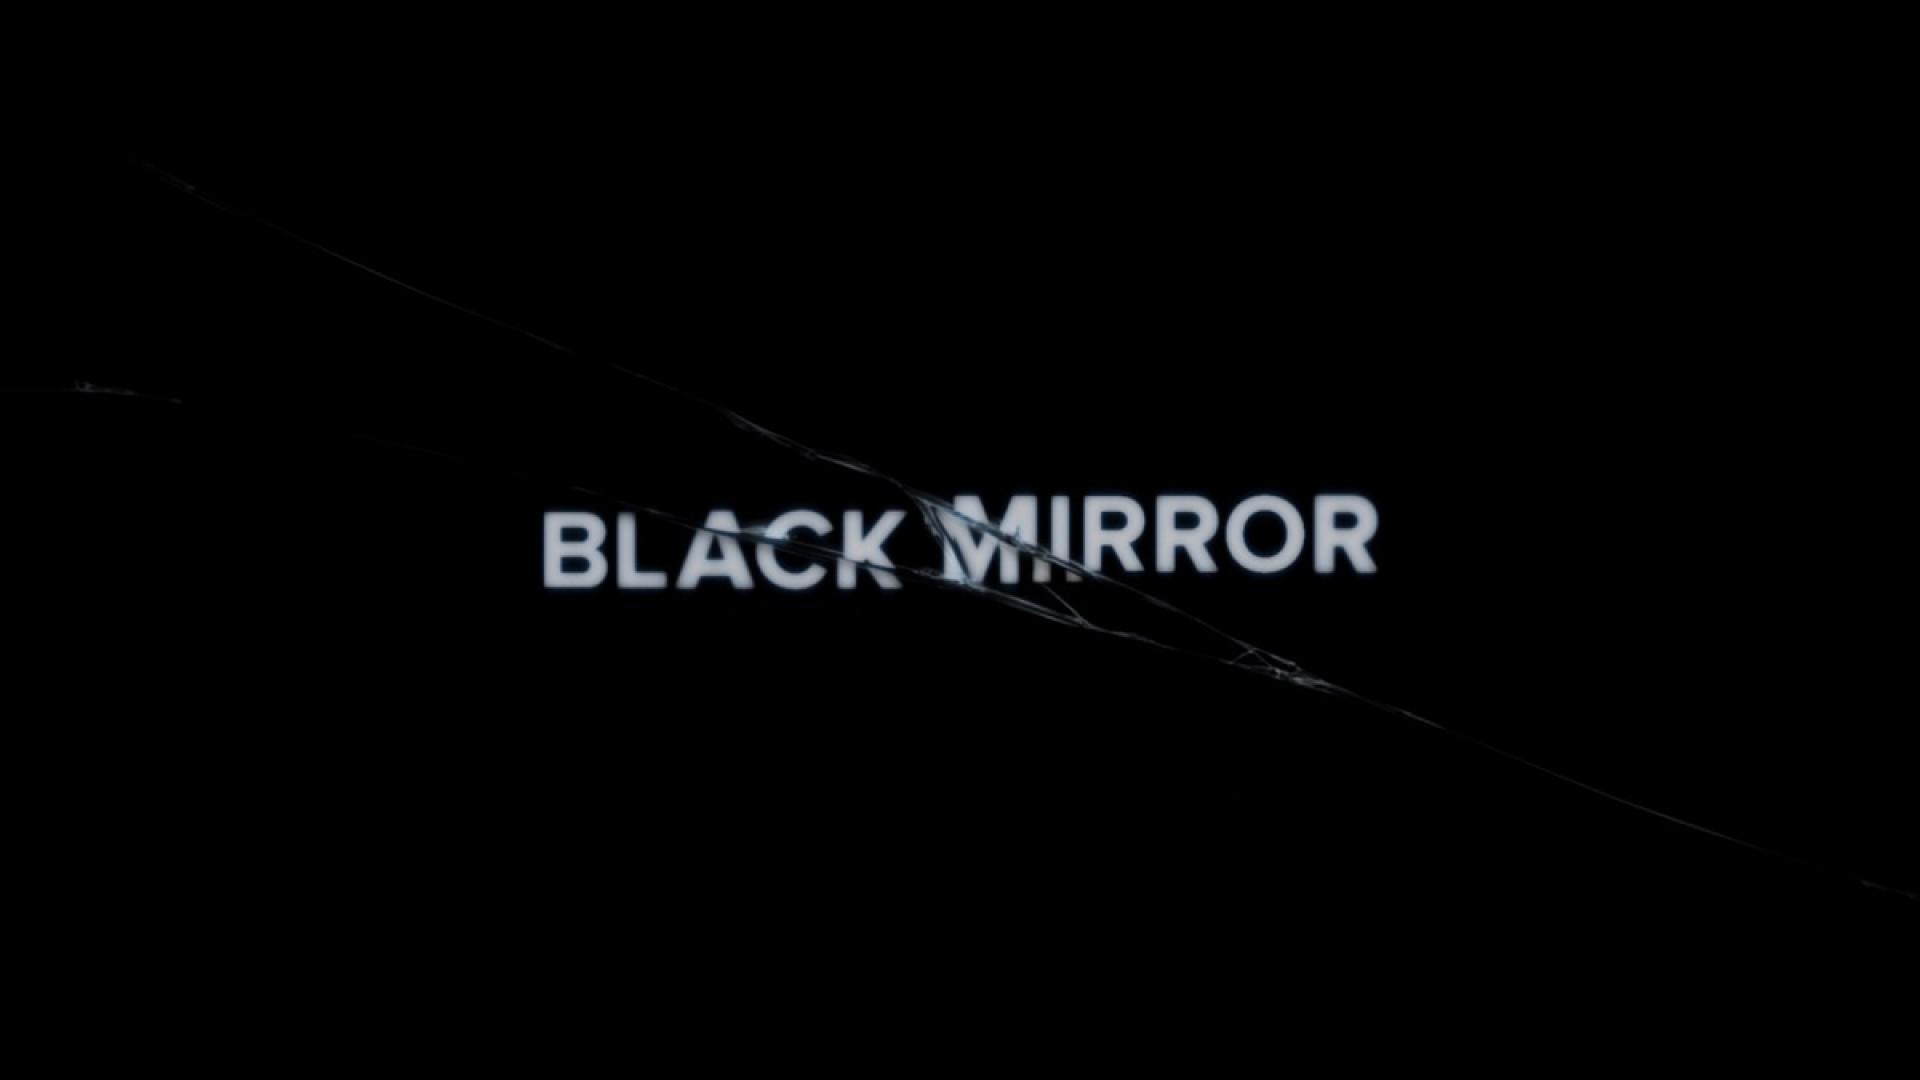 Black Mirror 5.évad premier és egy izgalmas újdonság